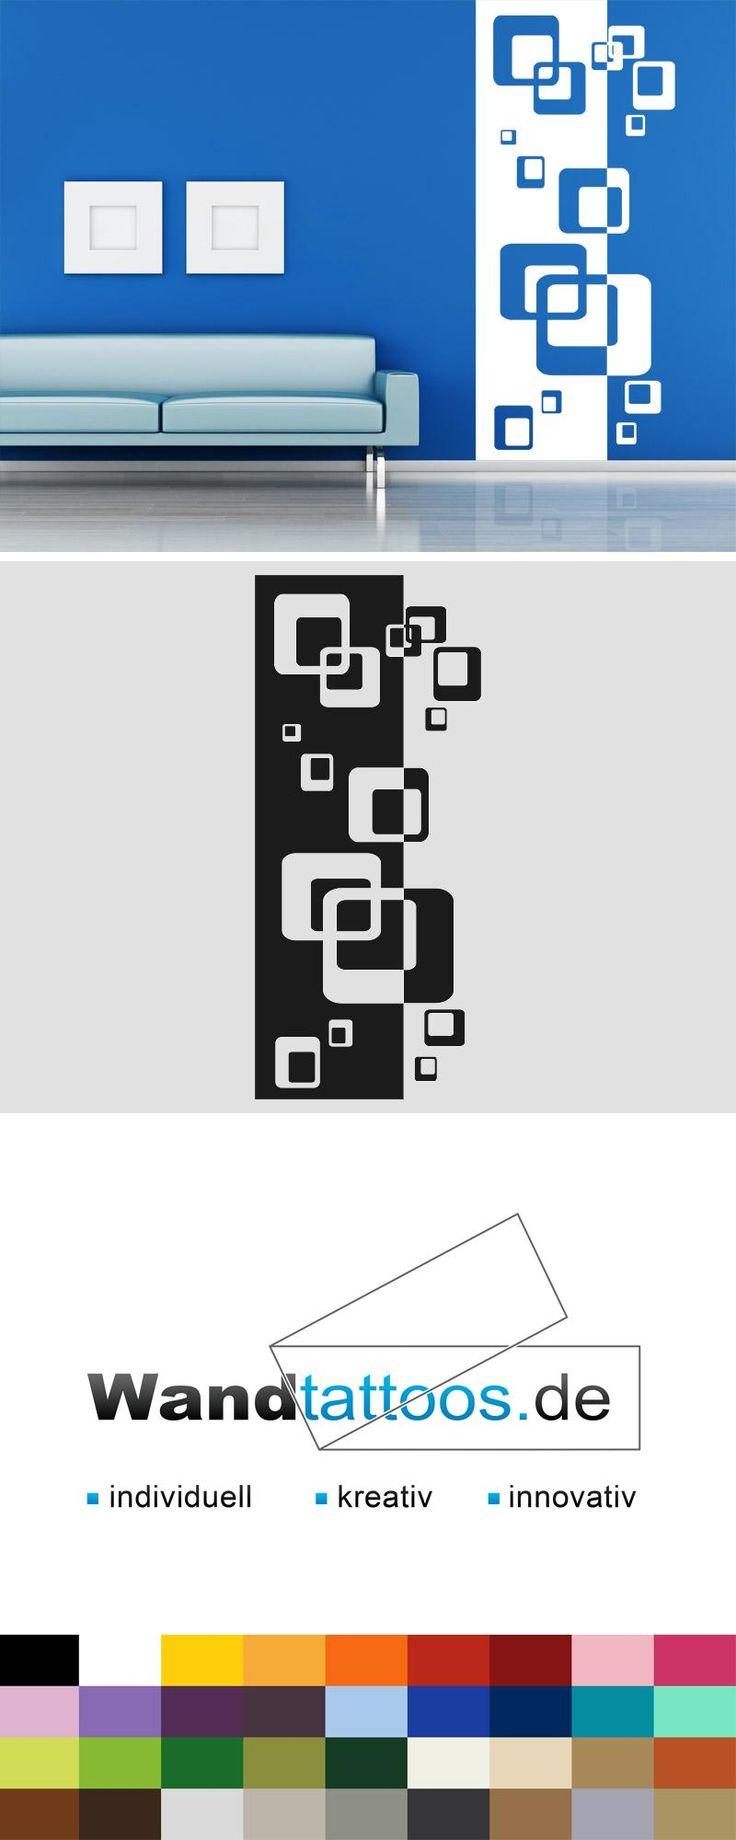 Wandbanner Retro Cubes Wandtattoo Xxl Raumhoch Wall Print Design Creative Wall Decor Wall Paint Designs